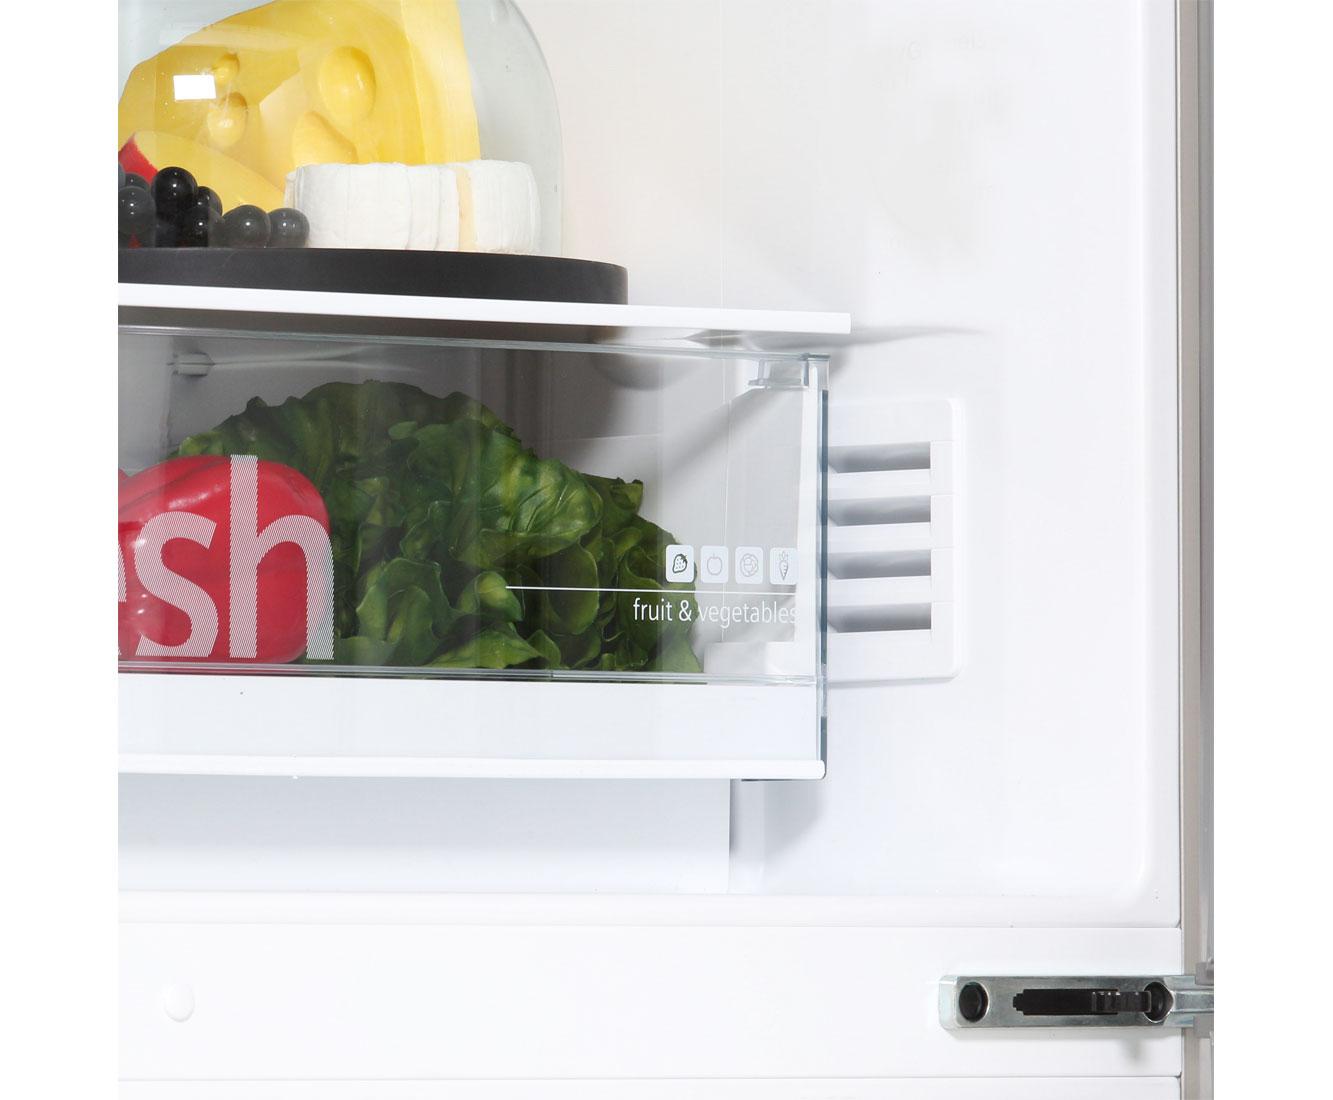 Kühlschrank Justieren Siemens : Kühlschrank einstellen aeg sfe zc einbau kühlschrank nische